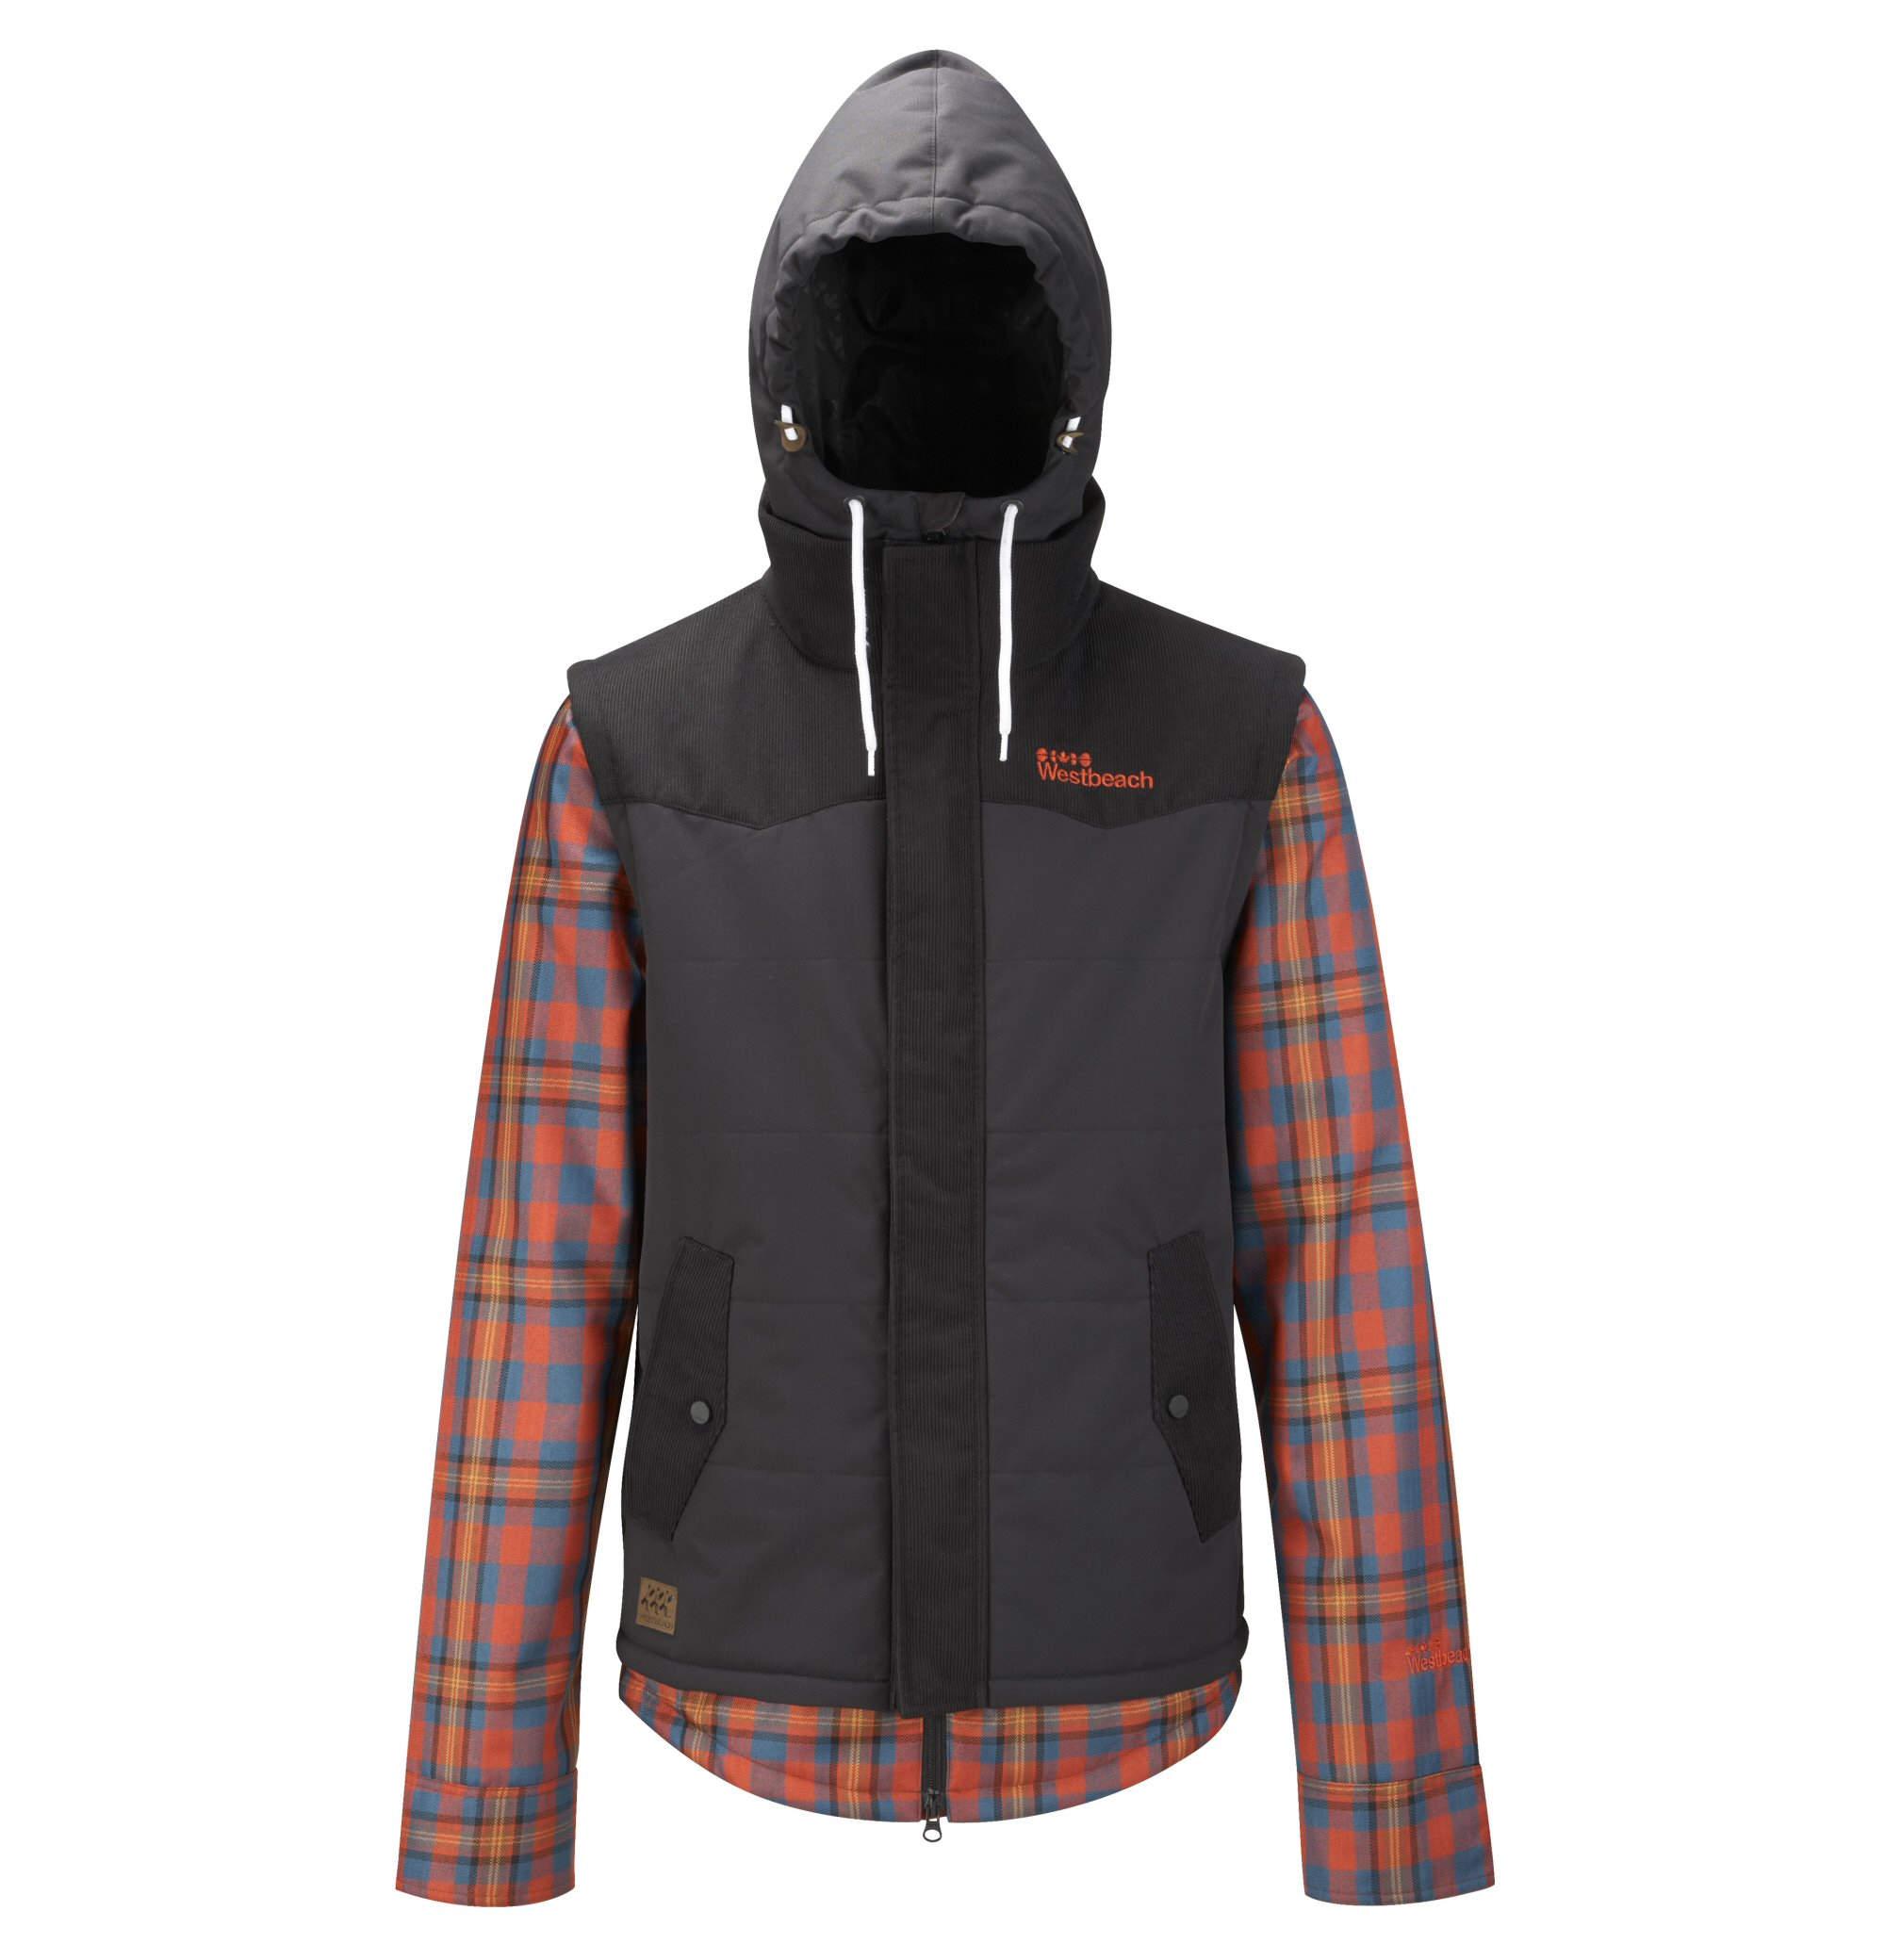 Westbeach Garage Ski Jacket In Black